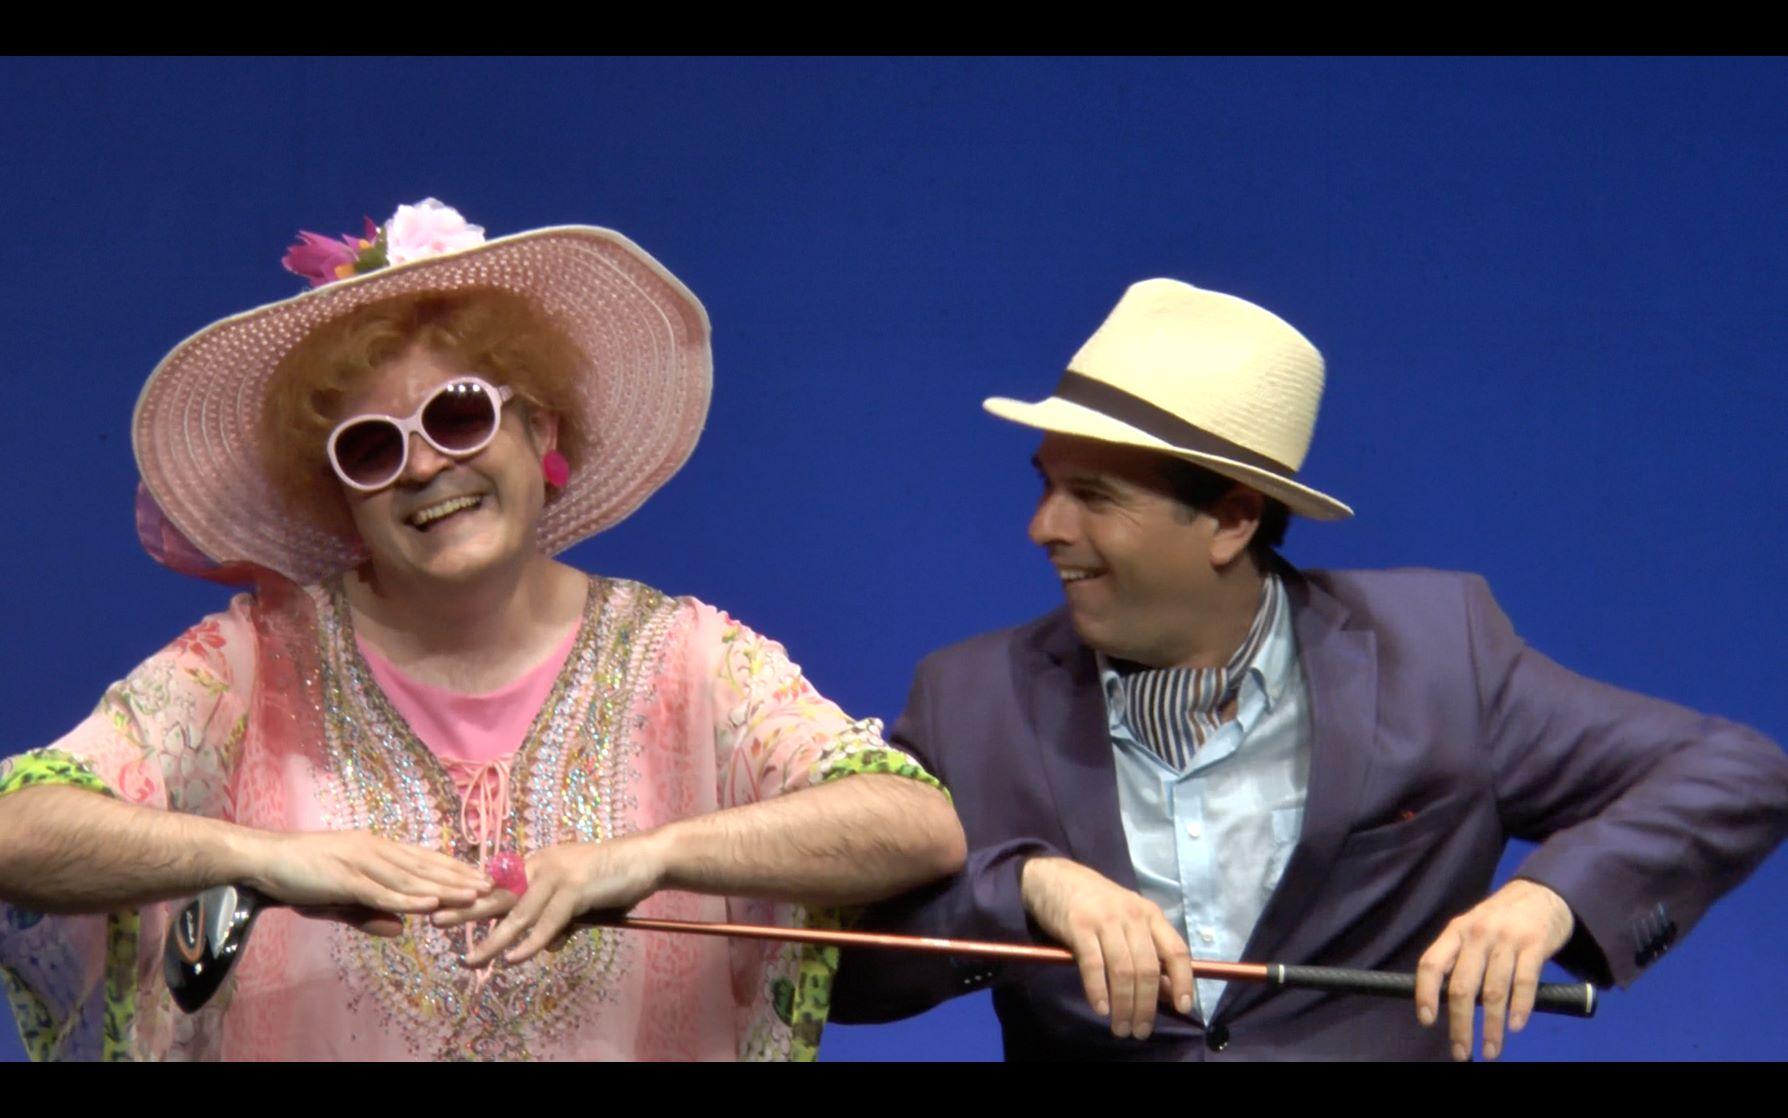 El humor universal de Clownic llega al Teatro Leal dentro de la programación del FIC 2020